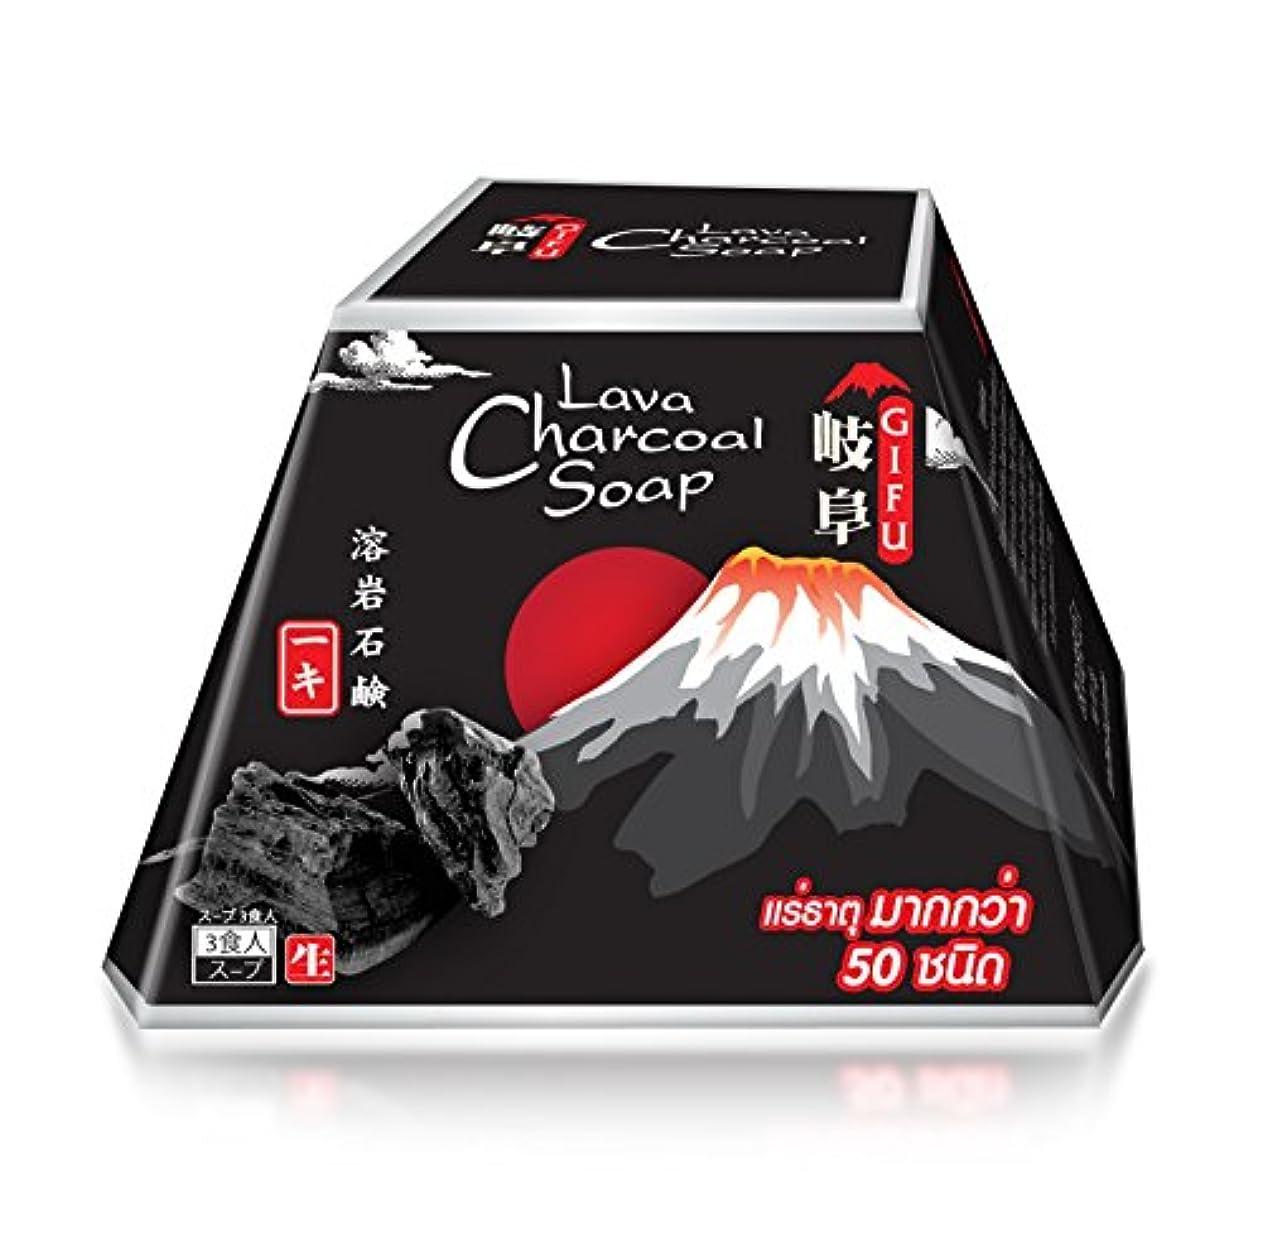 シルエット早める読み書きのできないOKI GIFU Lava Charcoal Soap 70g 溶岩炭石鹸 日本の溶岩